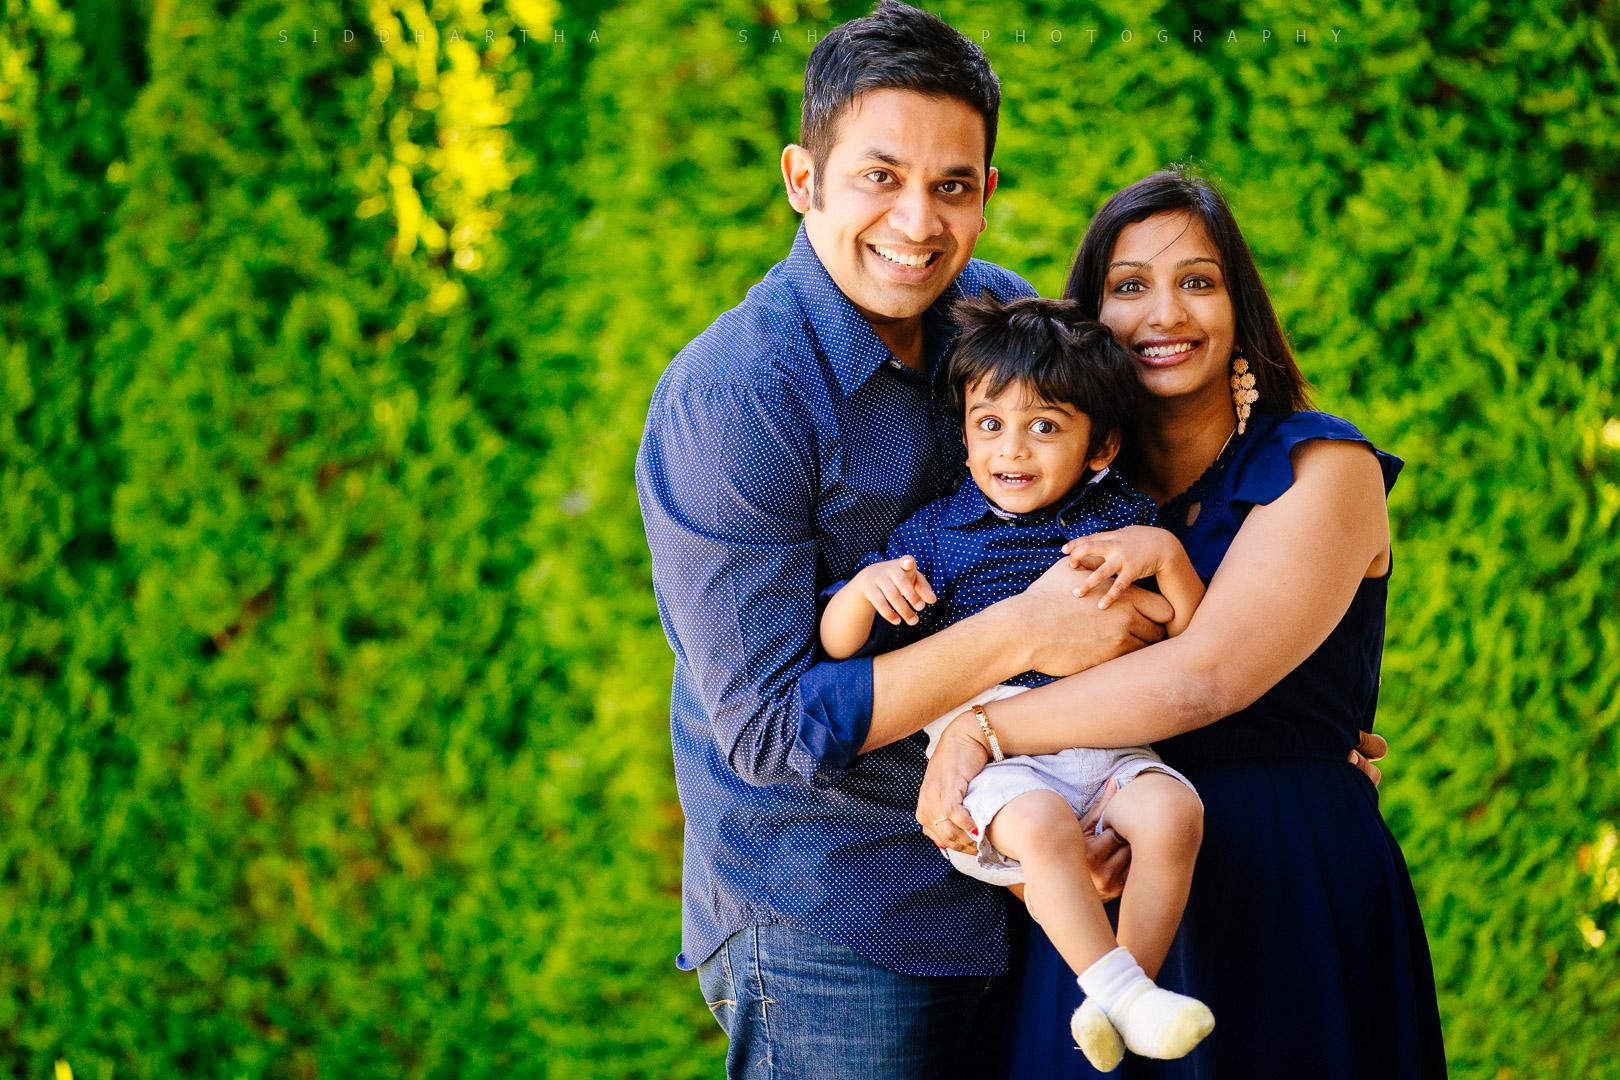 2015-06-14 - Ranjani Naveen Vihaan Photoshoot - _05Y6998